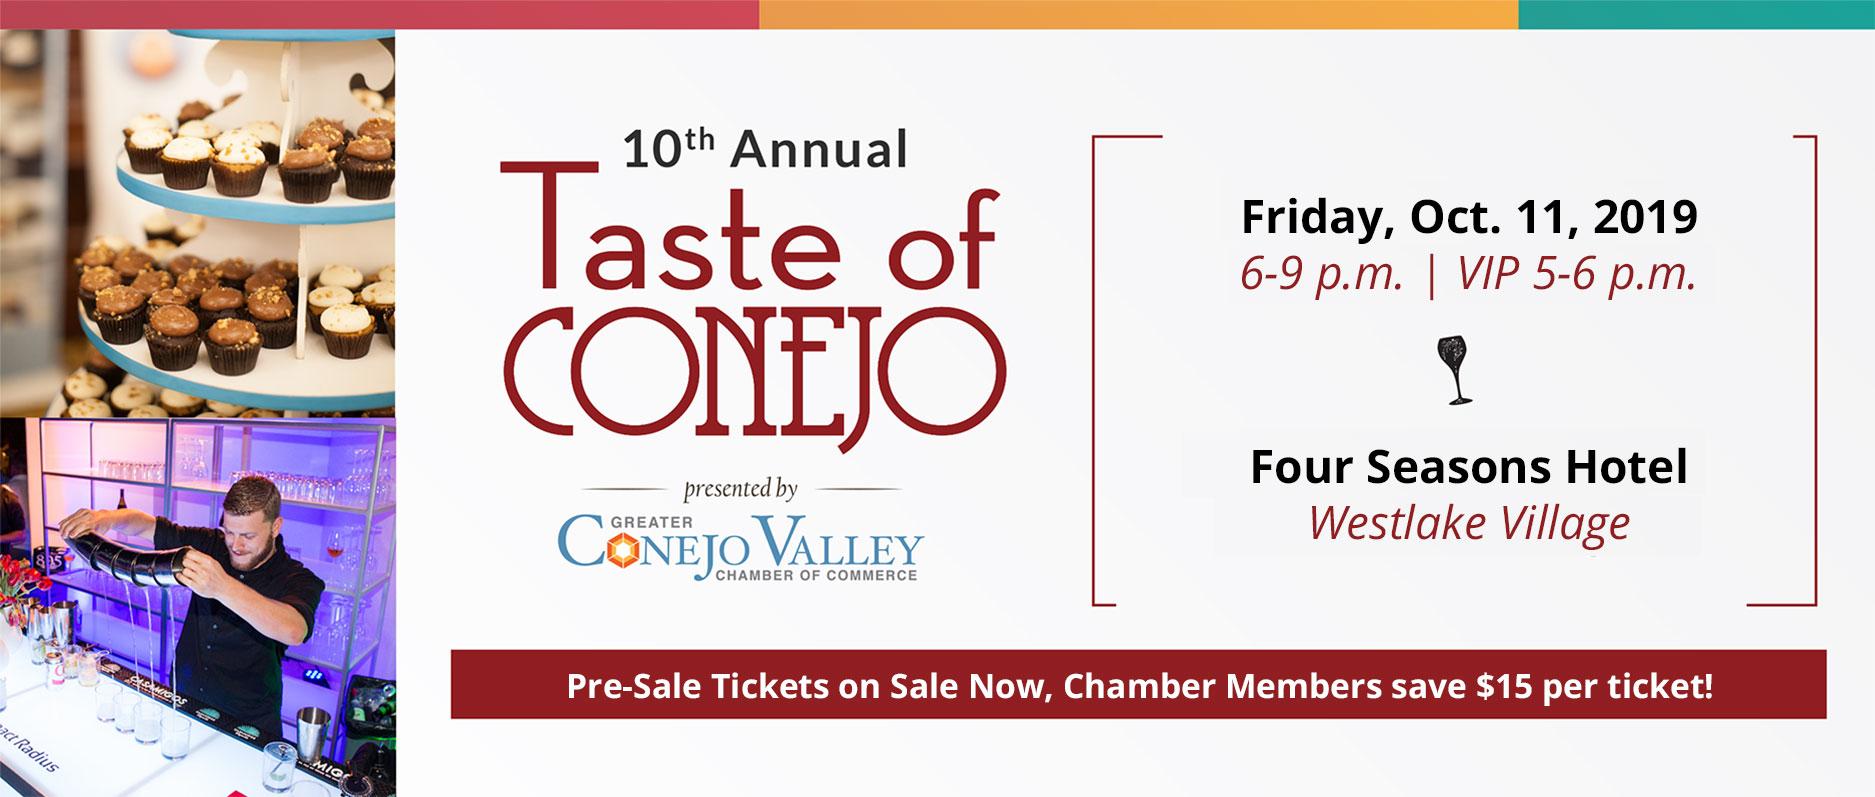 10th Annual Taste of Conejo